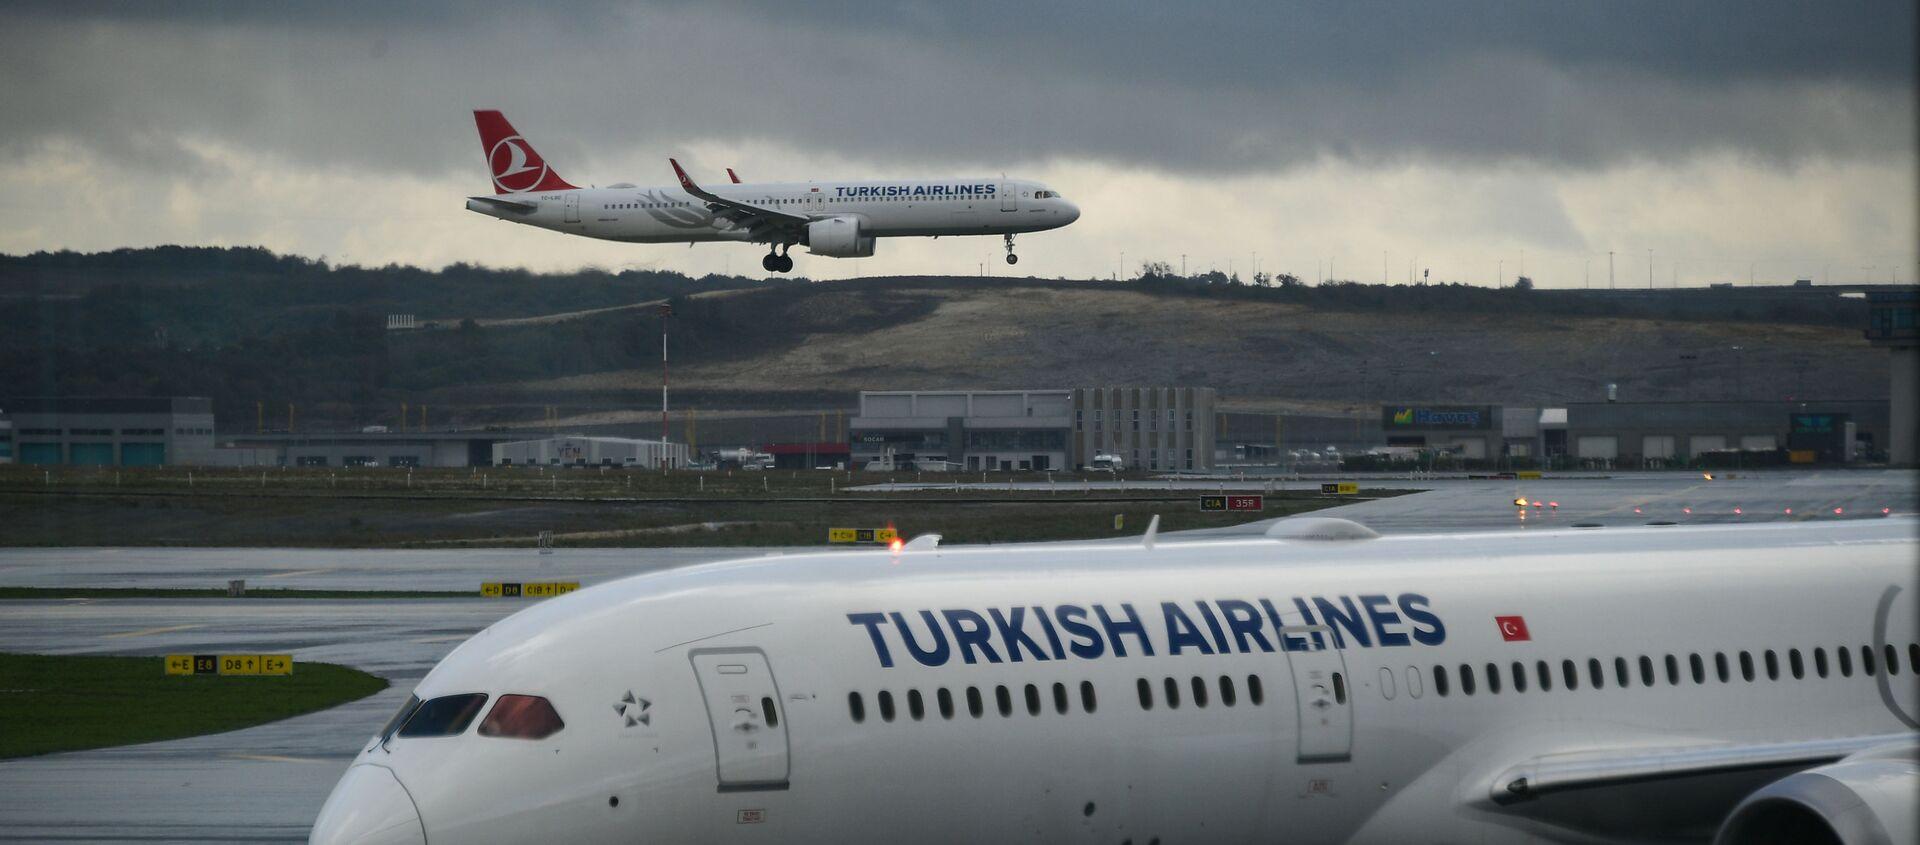 Самолеты авиакомпании Turkish Airlines в Международном аэропорту Стамбул - новый аэропорт в Стамбуле, самый крупный в Турции. - Sputnik Аҧсны, 1920, 13.09.2021